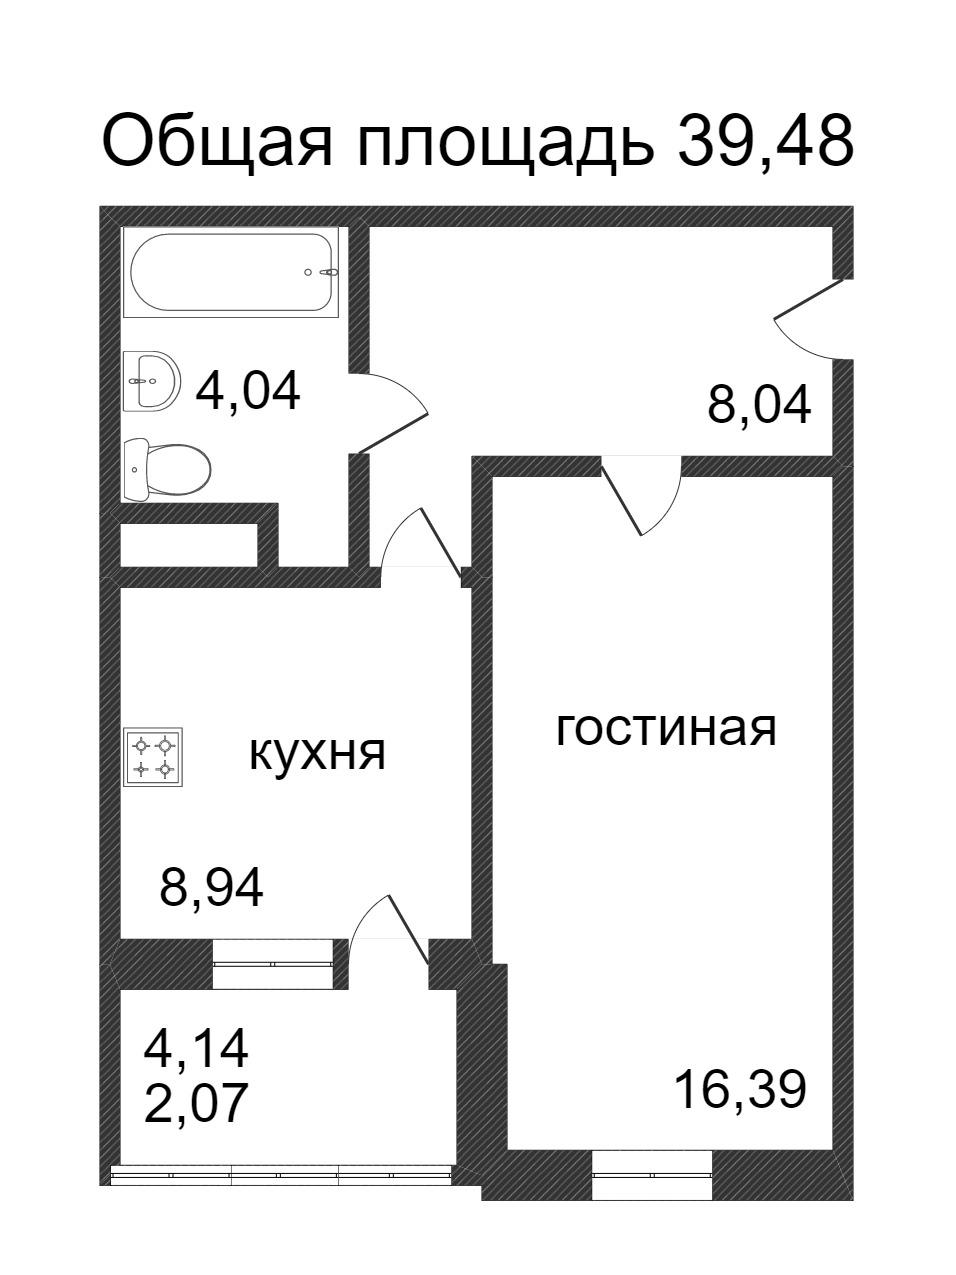 Объявление. г. Сургут, 1-комн.кв. 39.48кв.м, Ивана Захарова. Фото 3